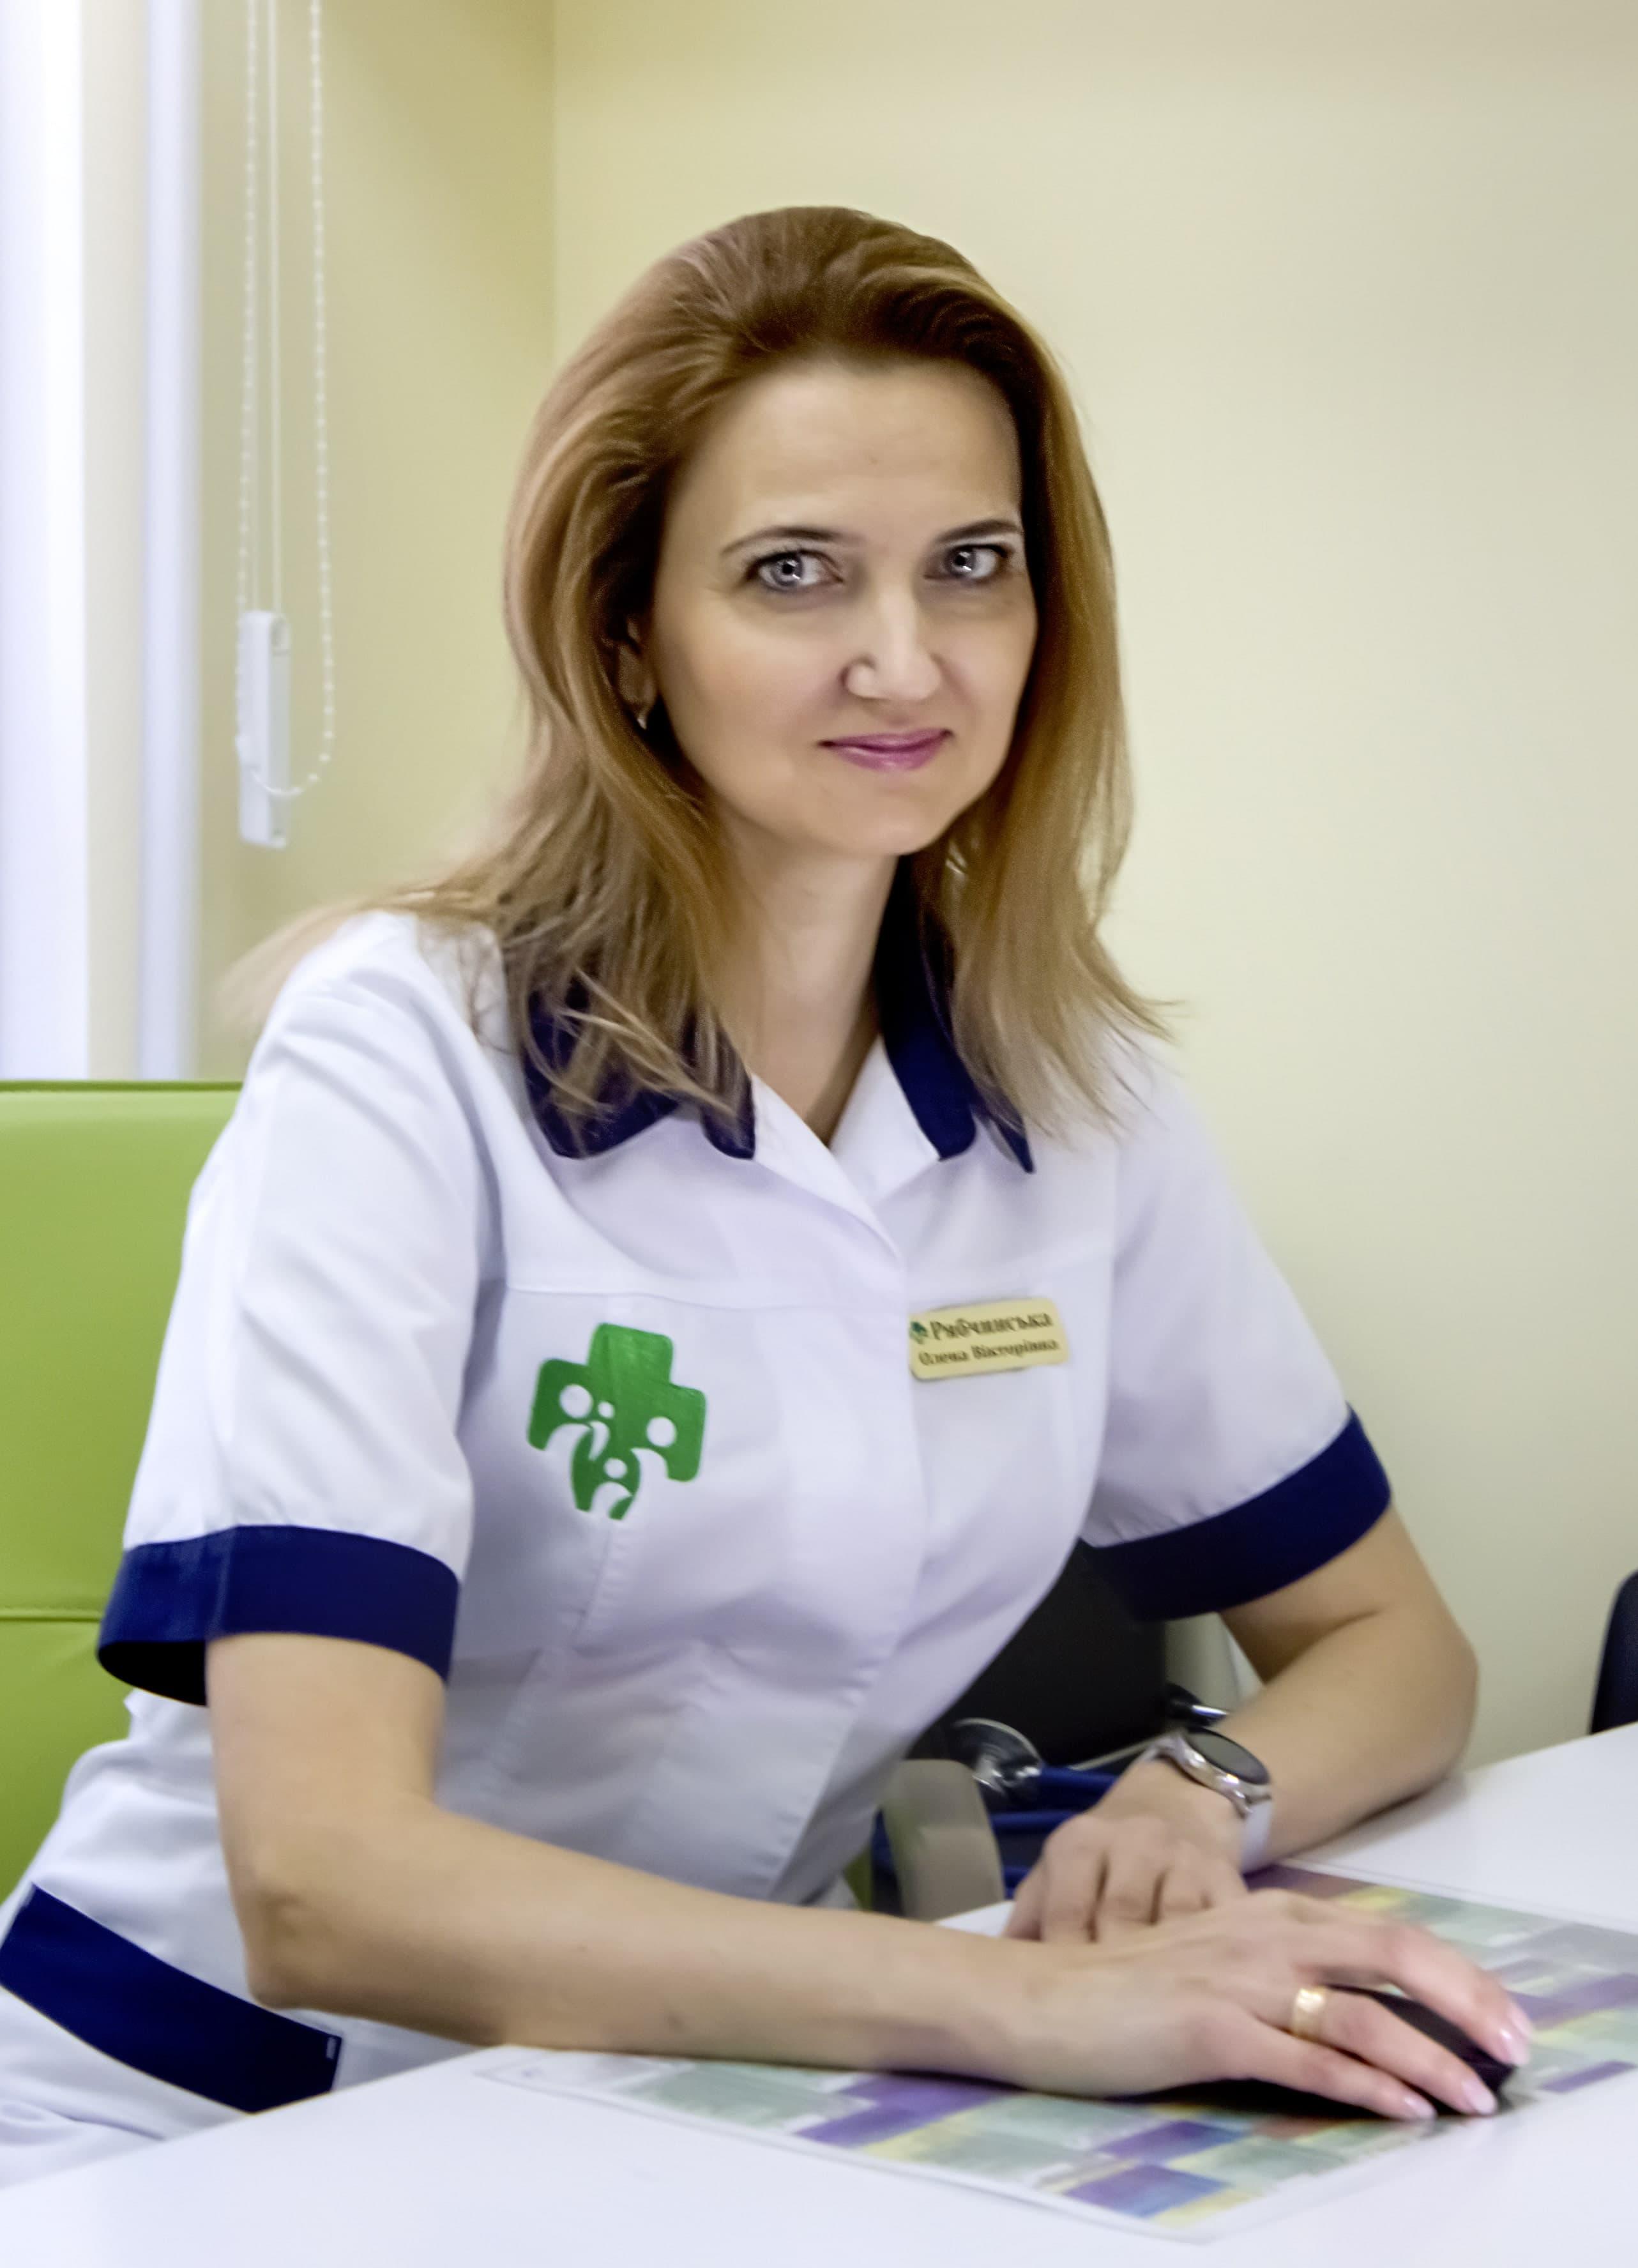 Рябчинская Елена Викторовна - семейный врач высшей категории